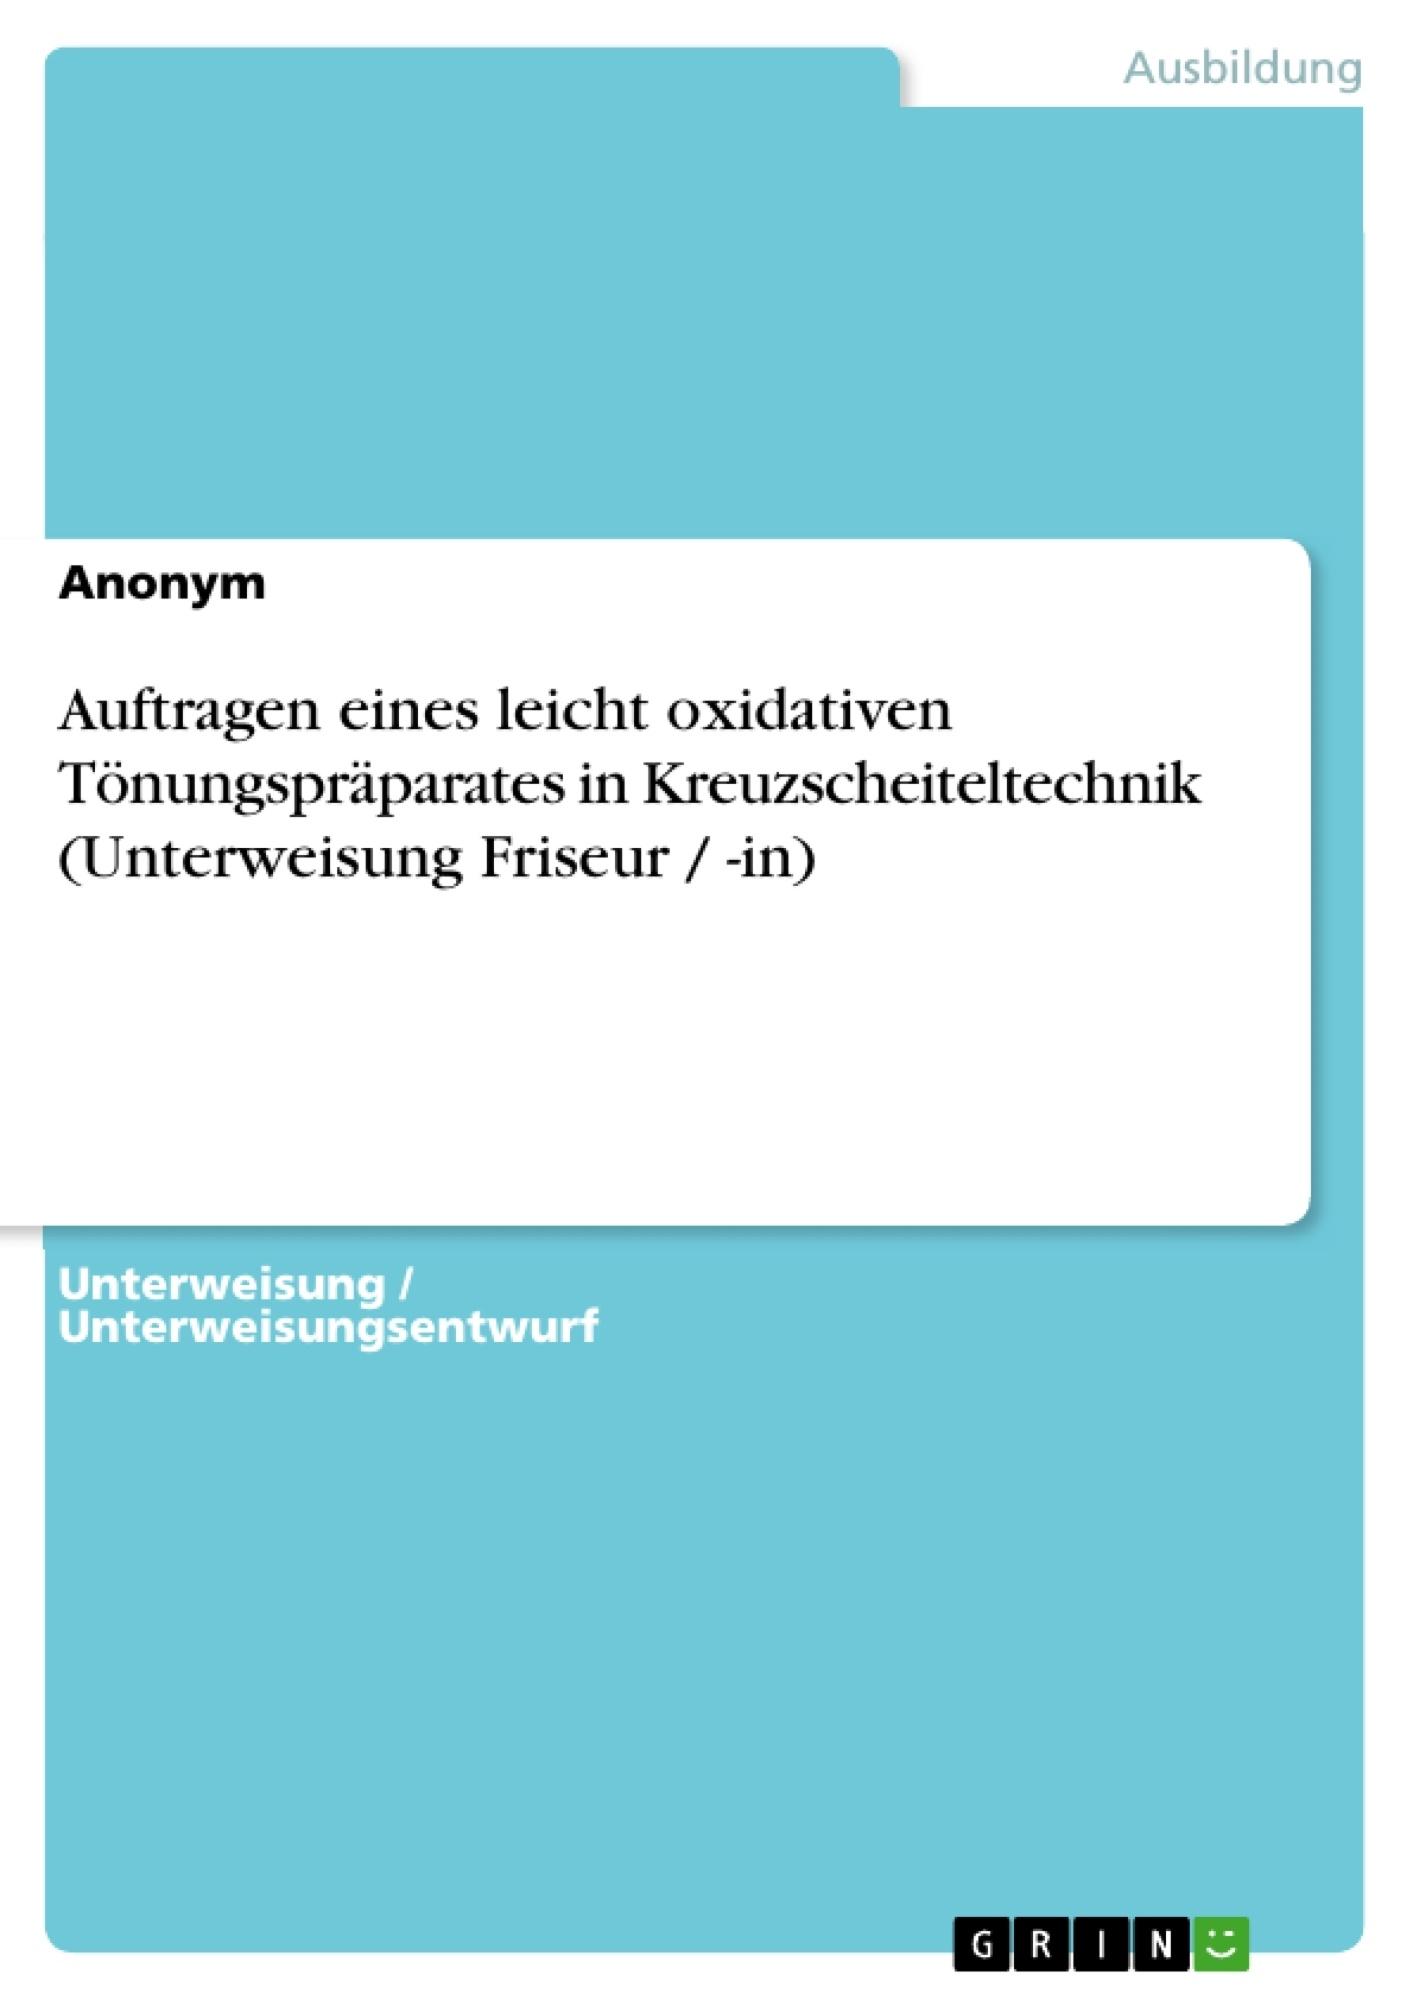 Titel: Auftragen eines leicht oxidativen Tönungspräparates in Kreuzscheiteltechnik (Unterweisung Friseur / -in)